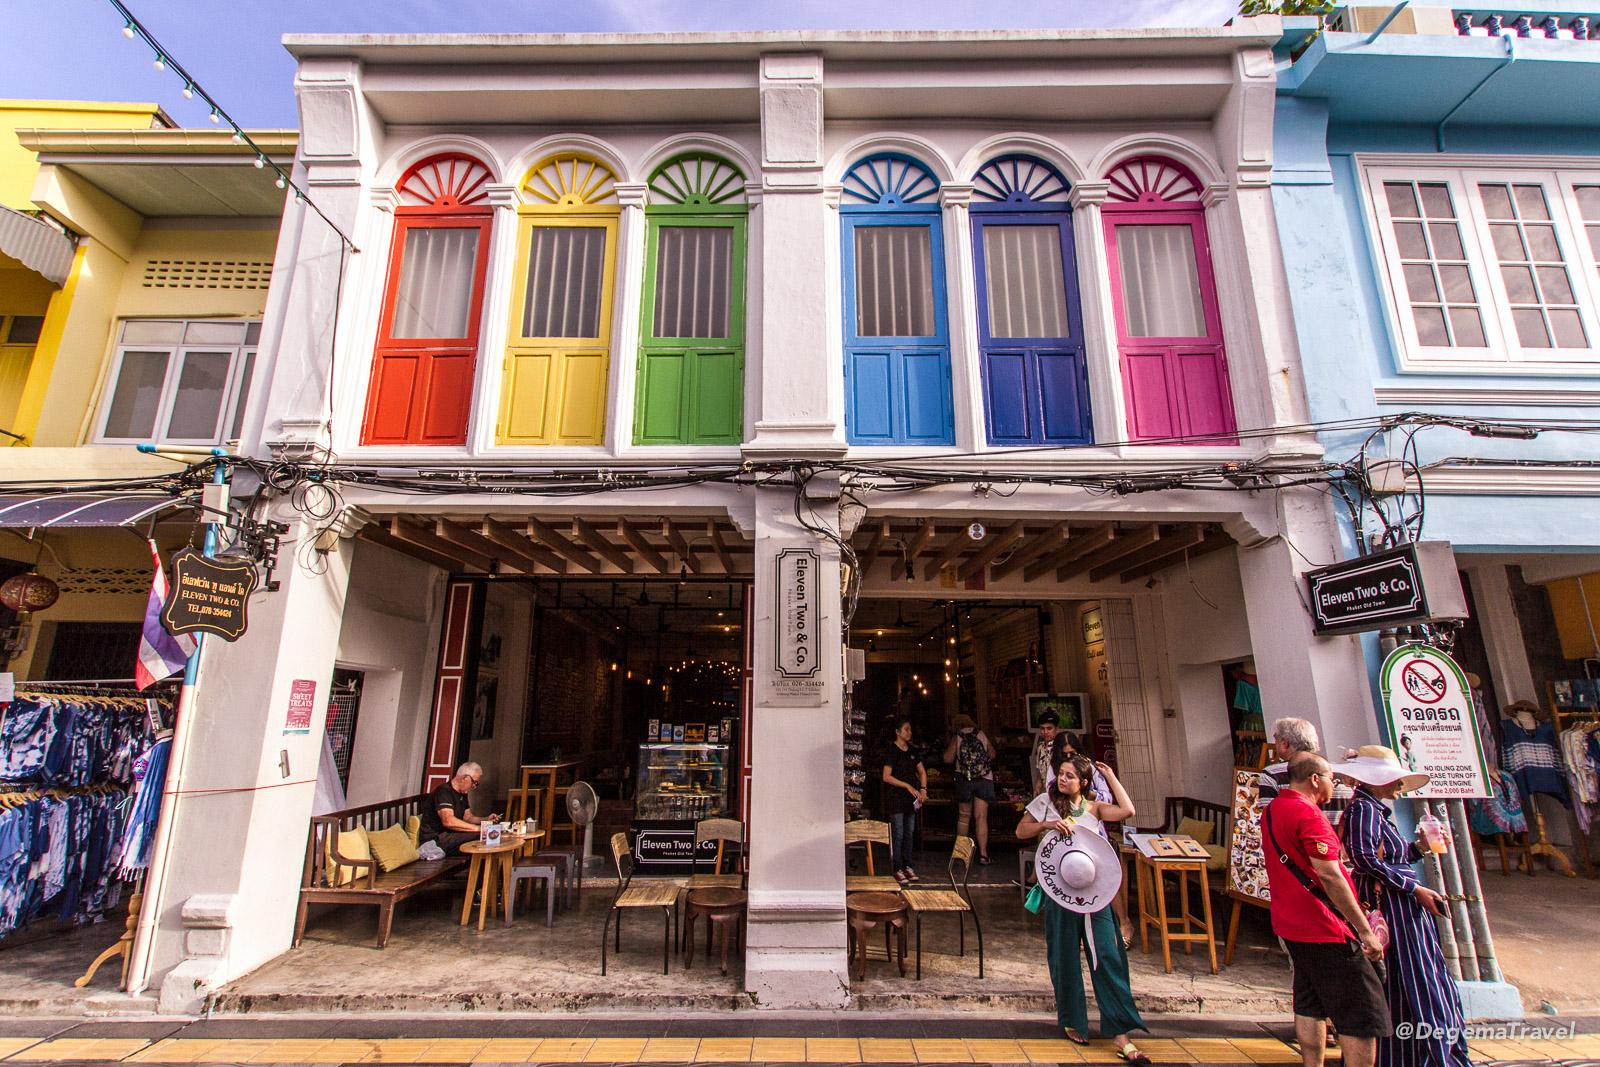 Phuket Town Walking Street Market, Phuket, Thailand